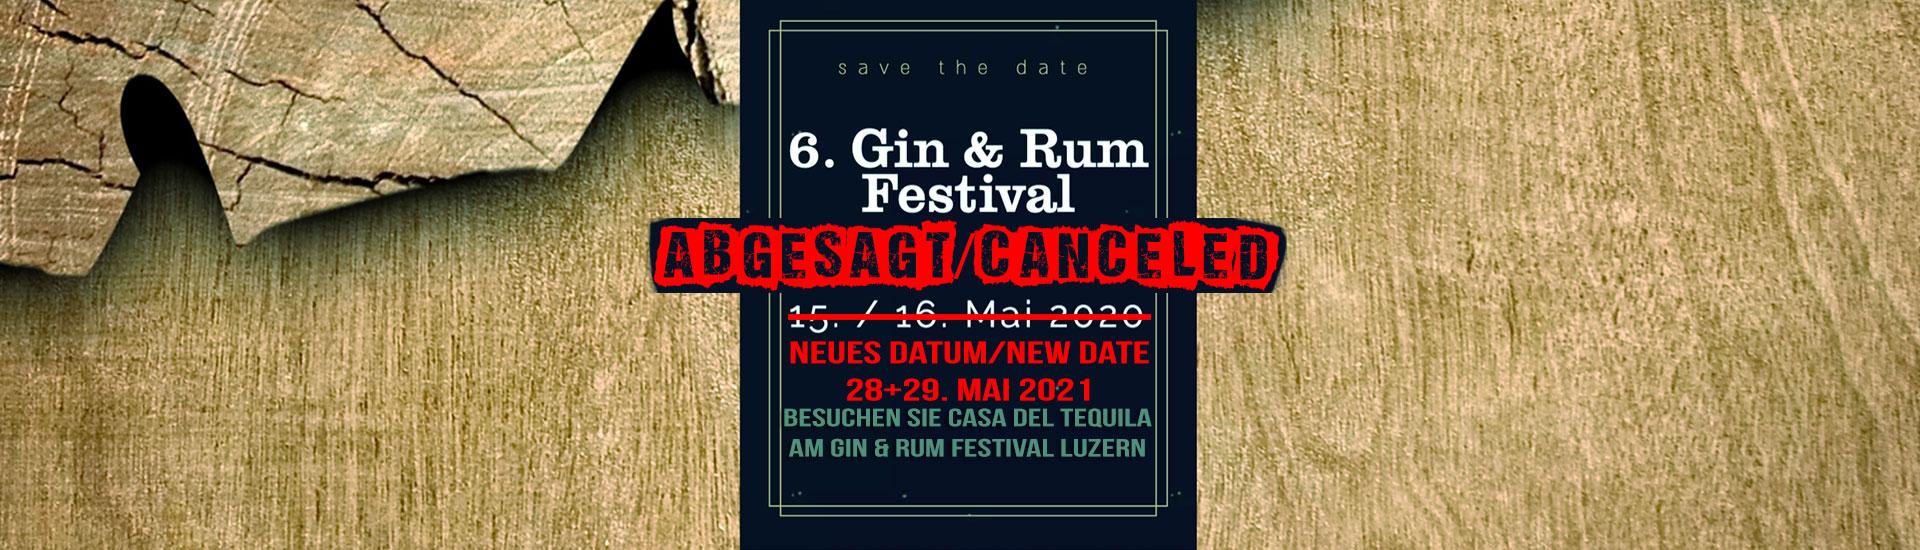 Gin & Rum Festival Luzern